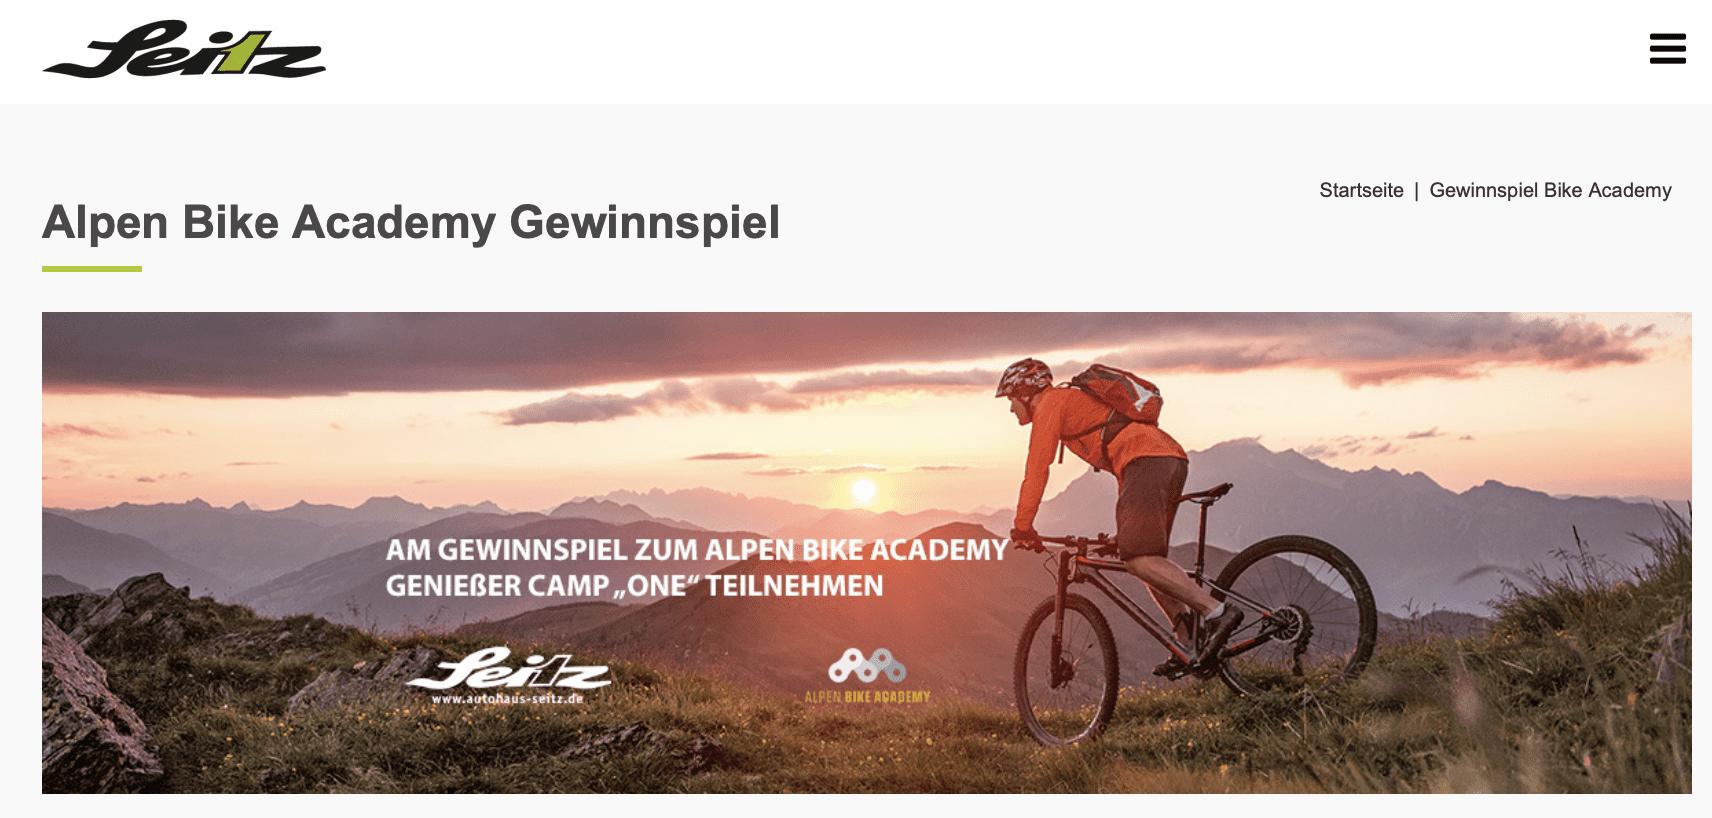 Autohaus Seitz Alpen Bike Academy Gewinnspiel